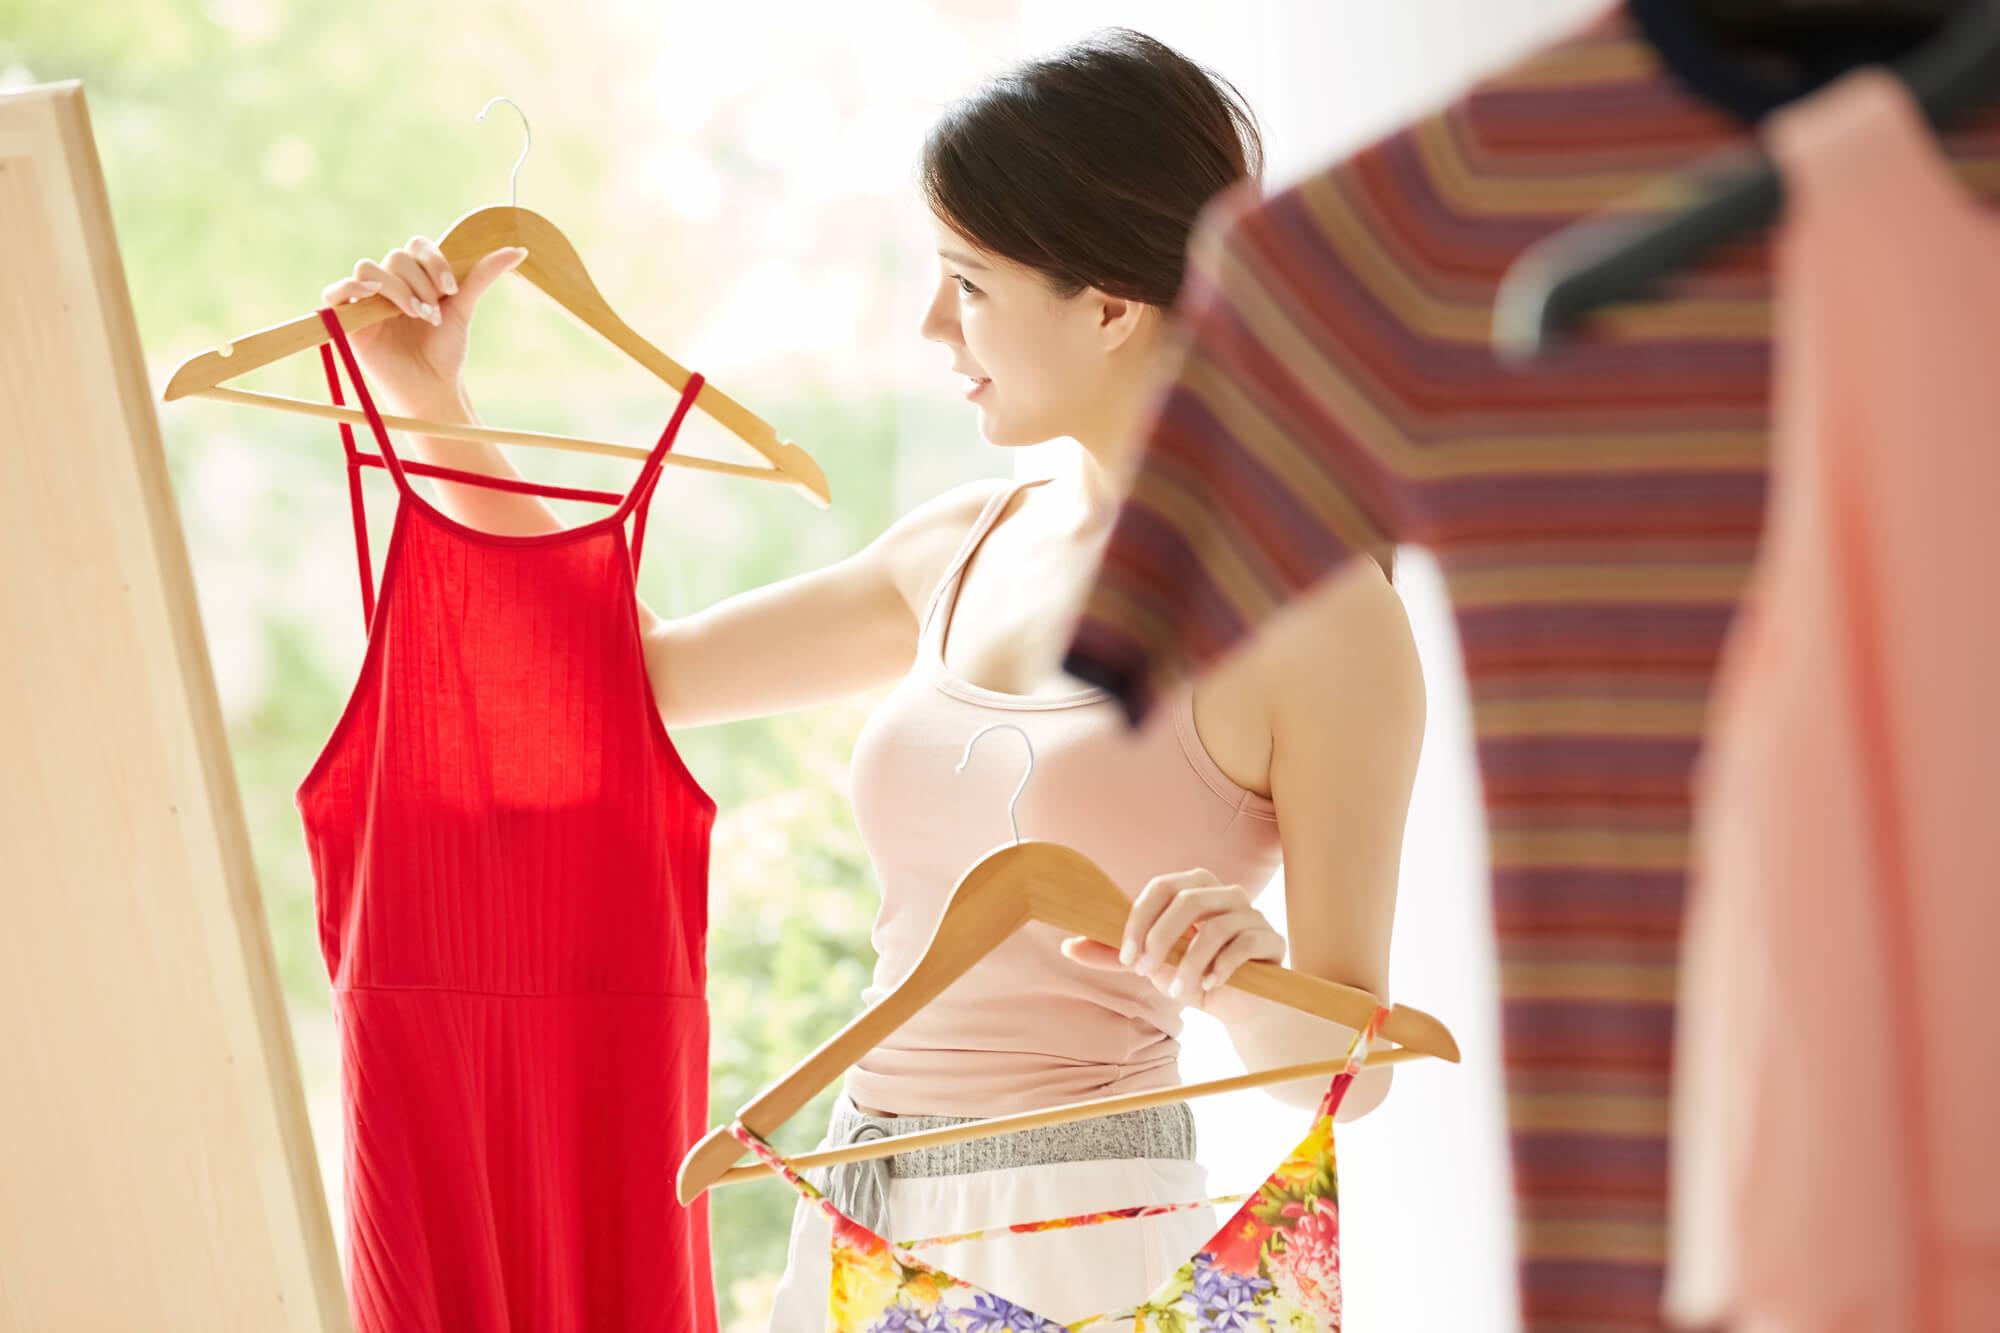 おすすめショップ徹底比較!レンタルドレスは店舗orインターネット?